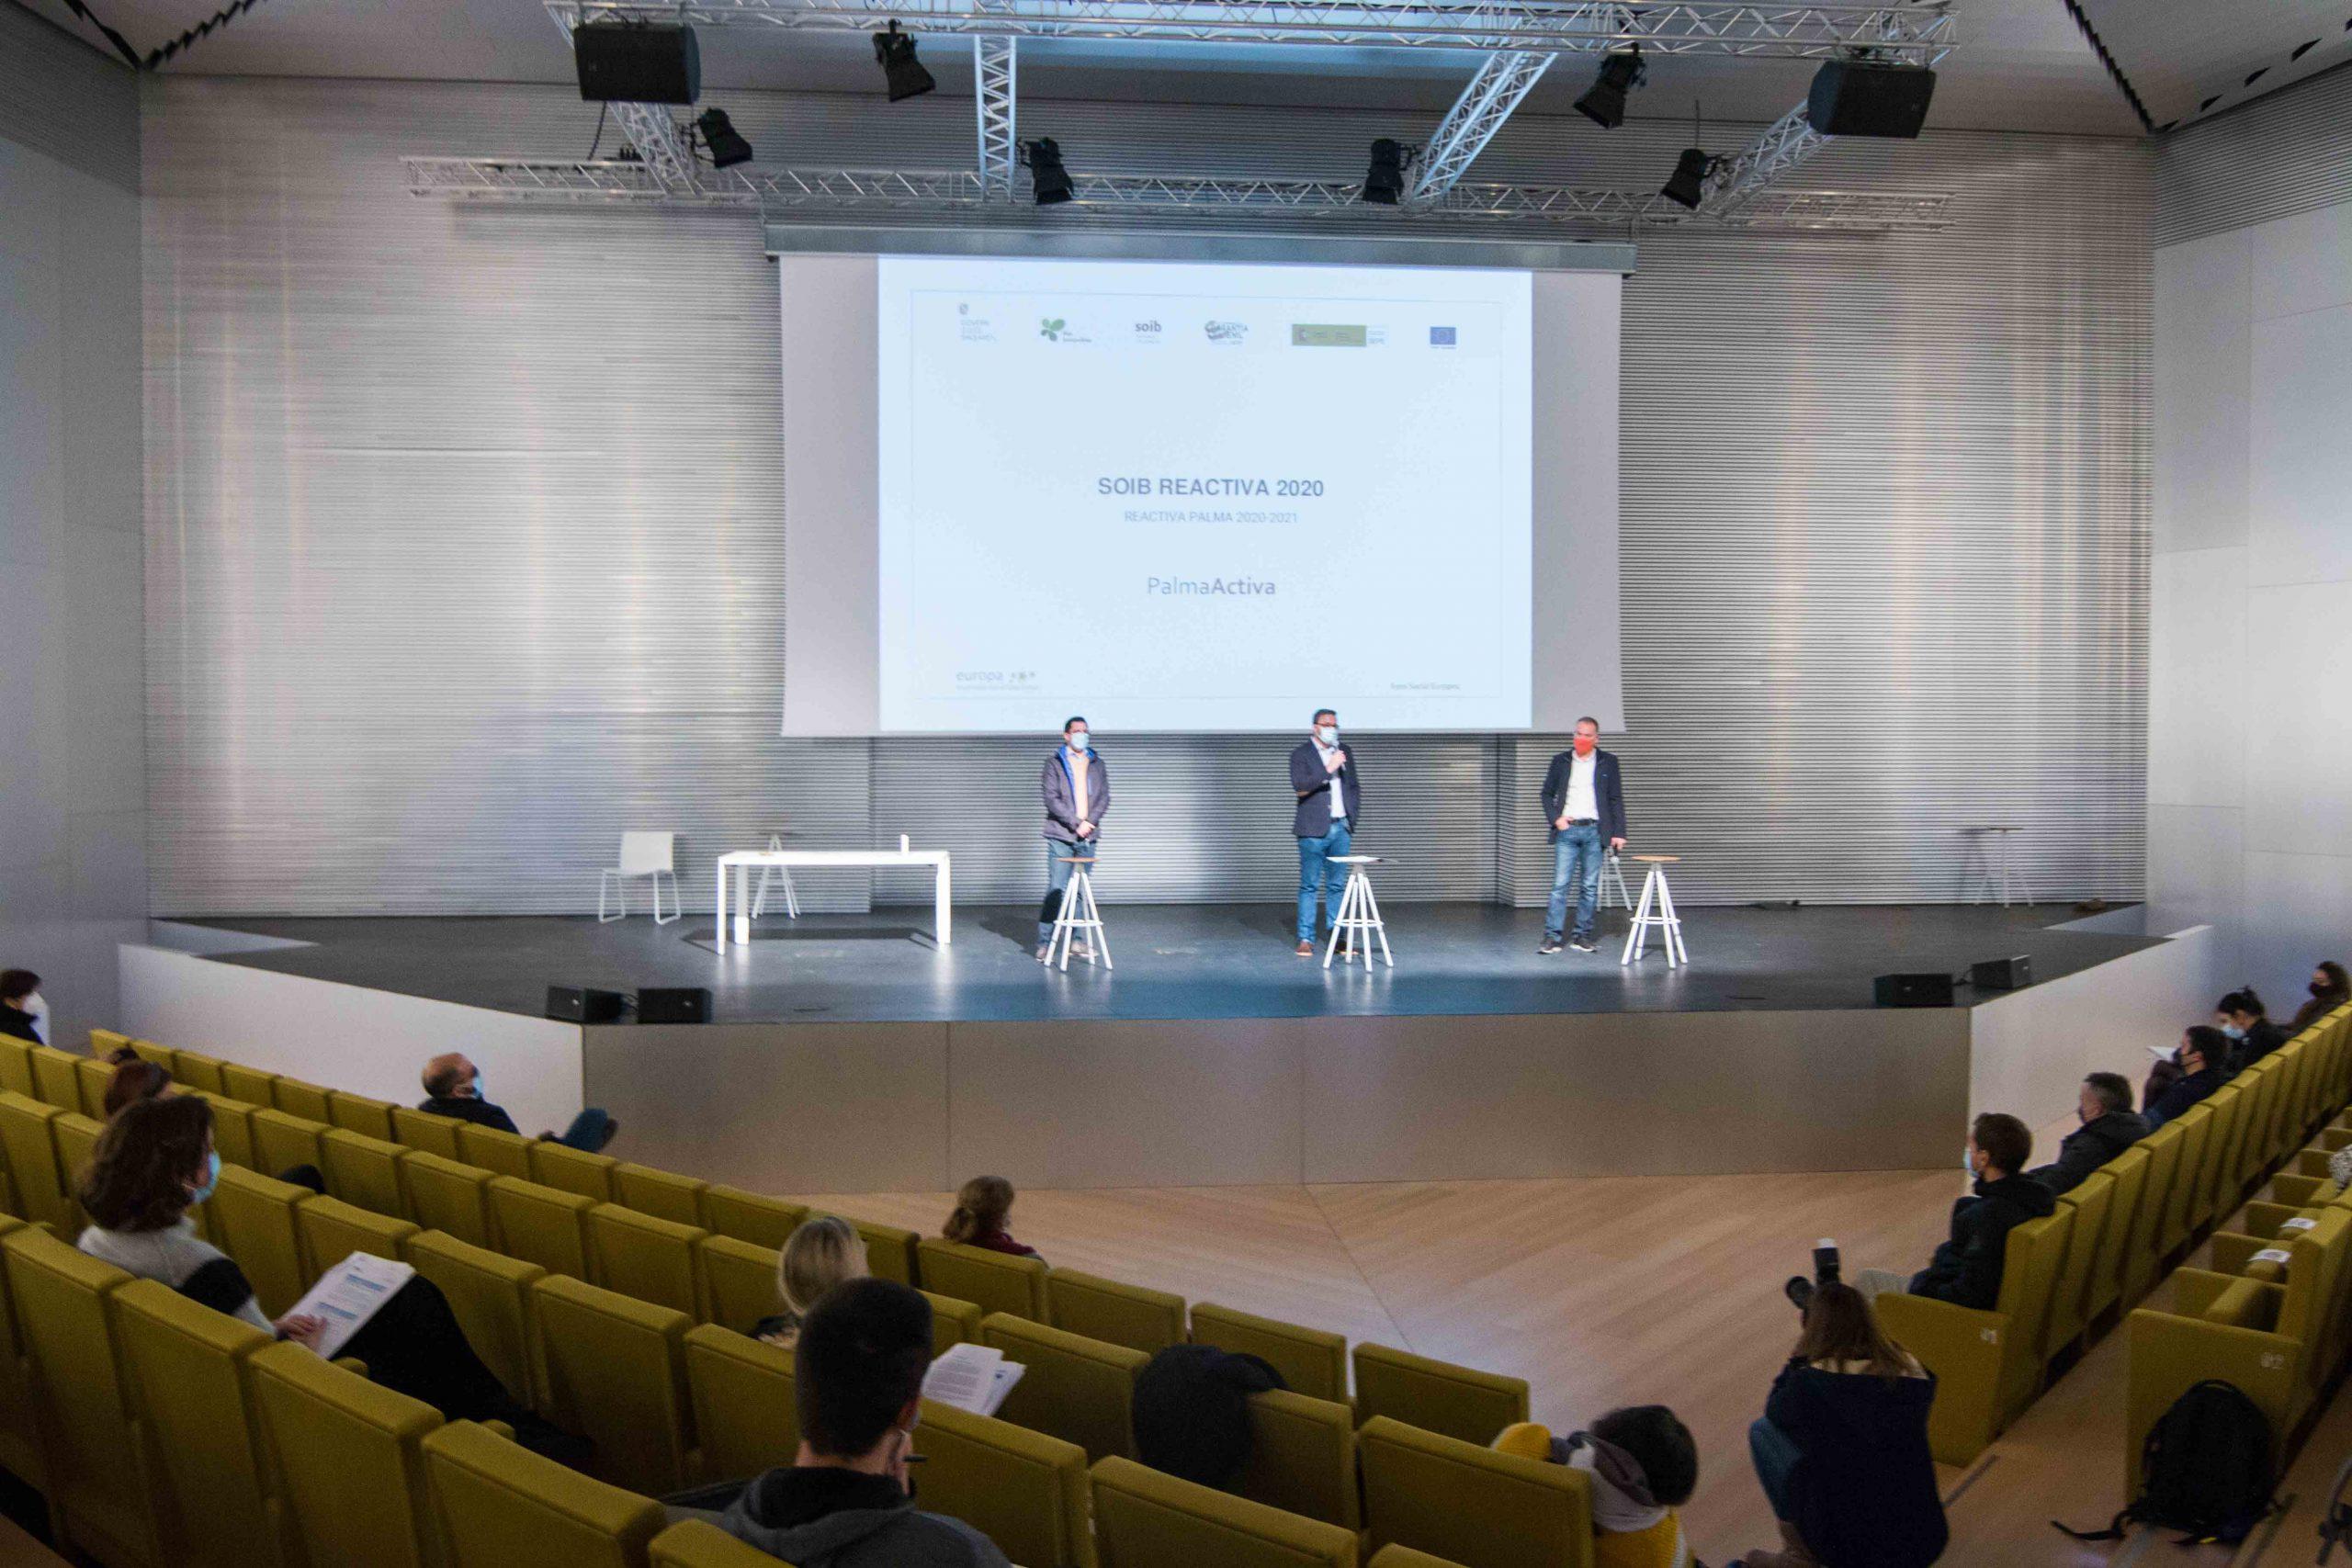 El Ayuntamiento de Palma da la bienvenida a 138 personas que trabajarán en el consistorio gracias al programa SOIB Reactiva 2020